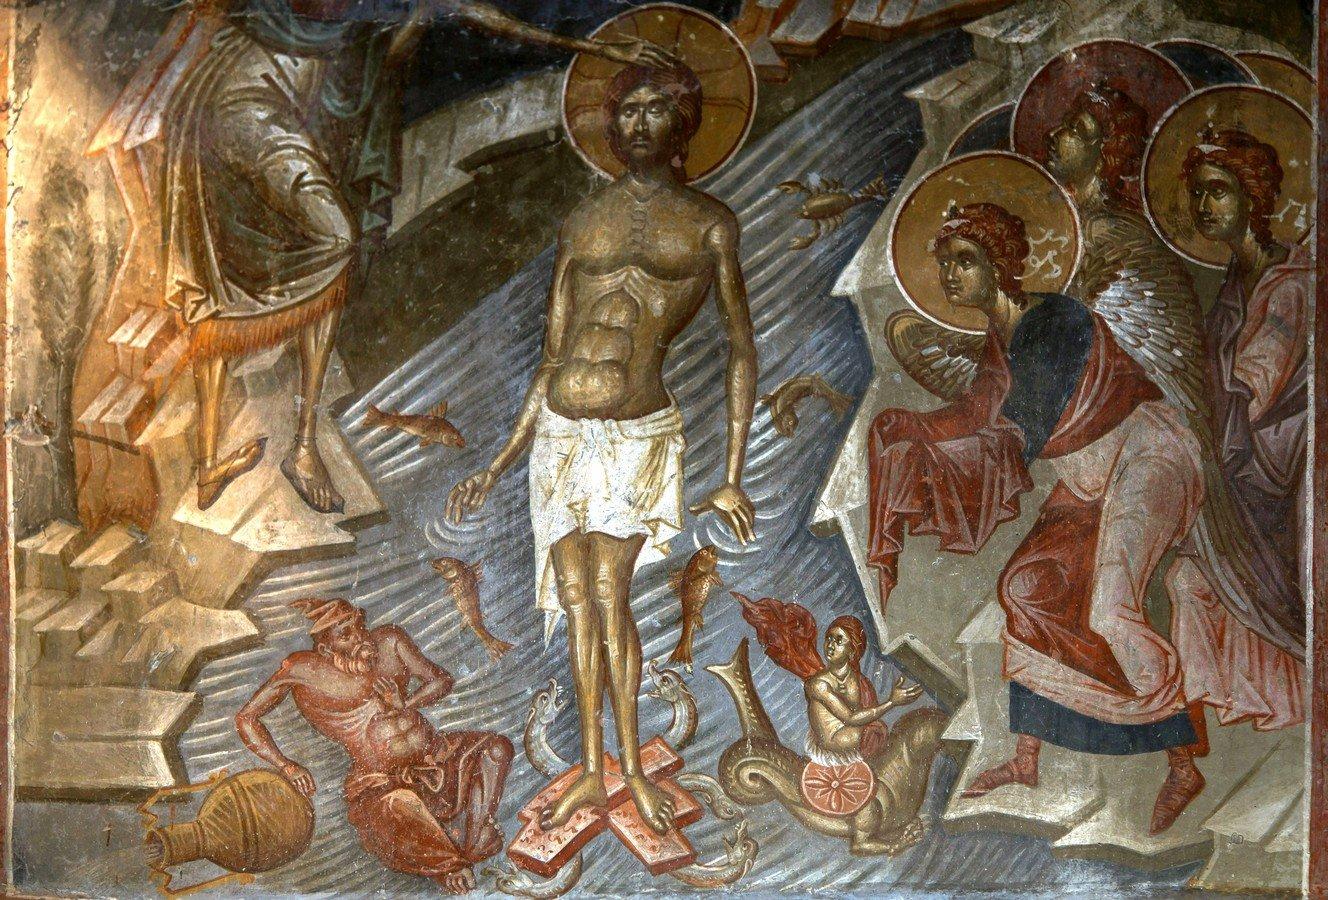 Крещение Господне. Фреска церкви Святого Афанасия ту Музаки в Кастории, Греция. 1383 - 1384 годы.